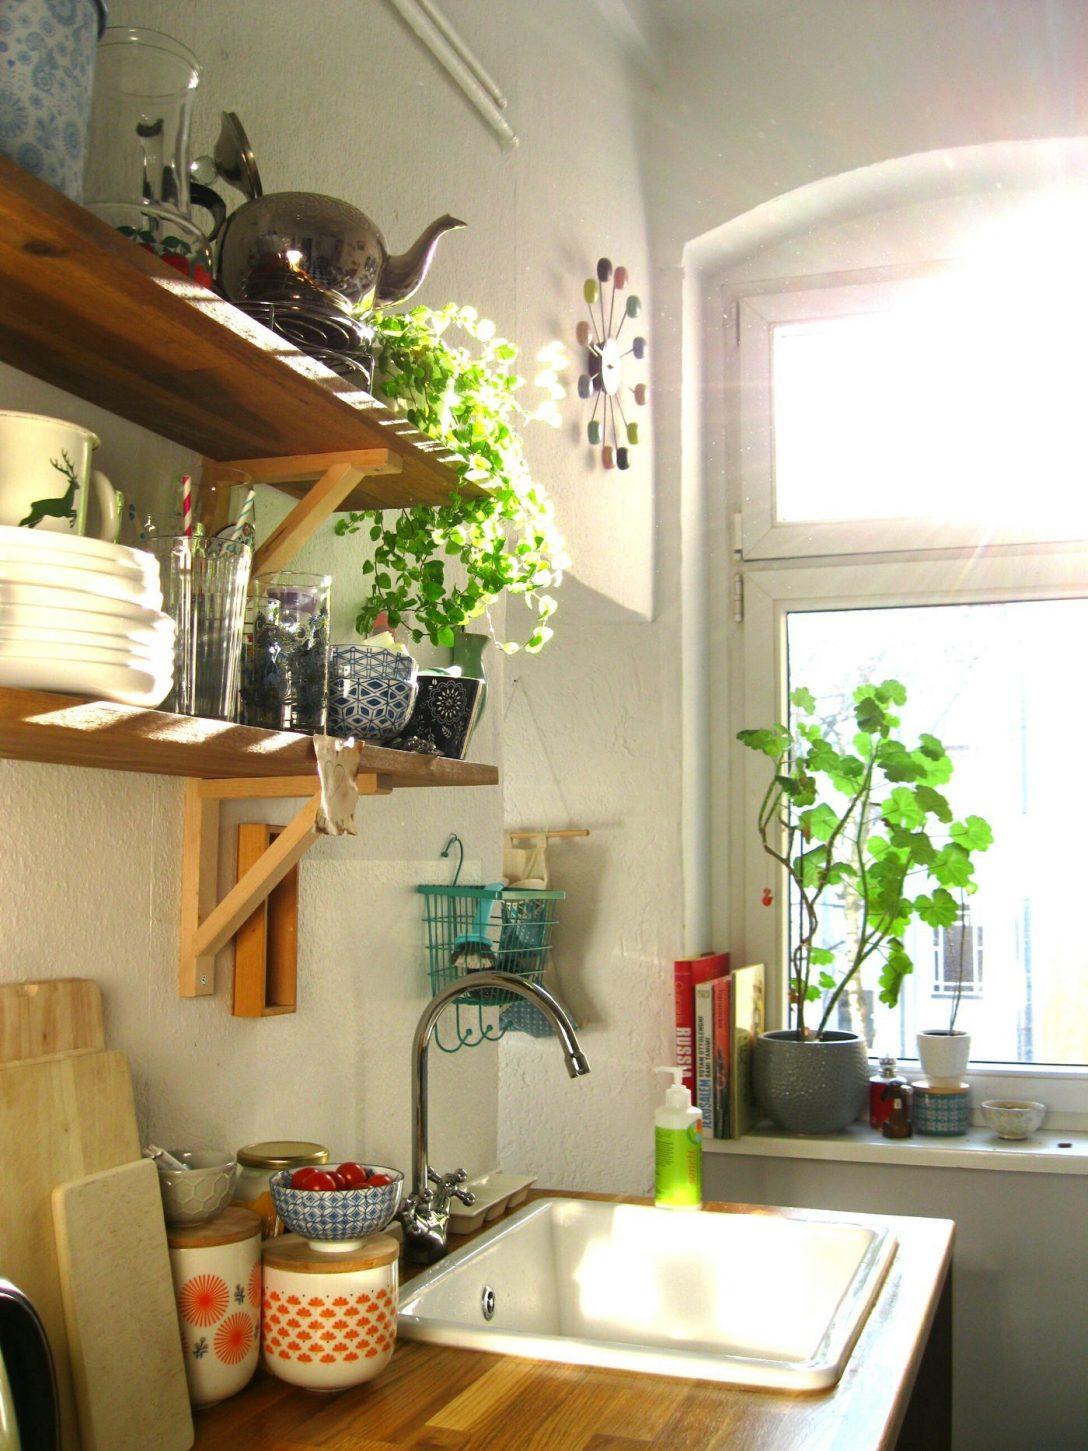 Large Size of Gewerbliche Küche Einrichten Küche Einrichten Ikea Küche Einrichten Was Wohin Dachgeschoss Küche Einrichten Küche Küche Einrichten